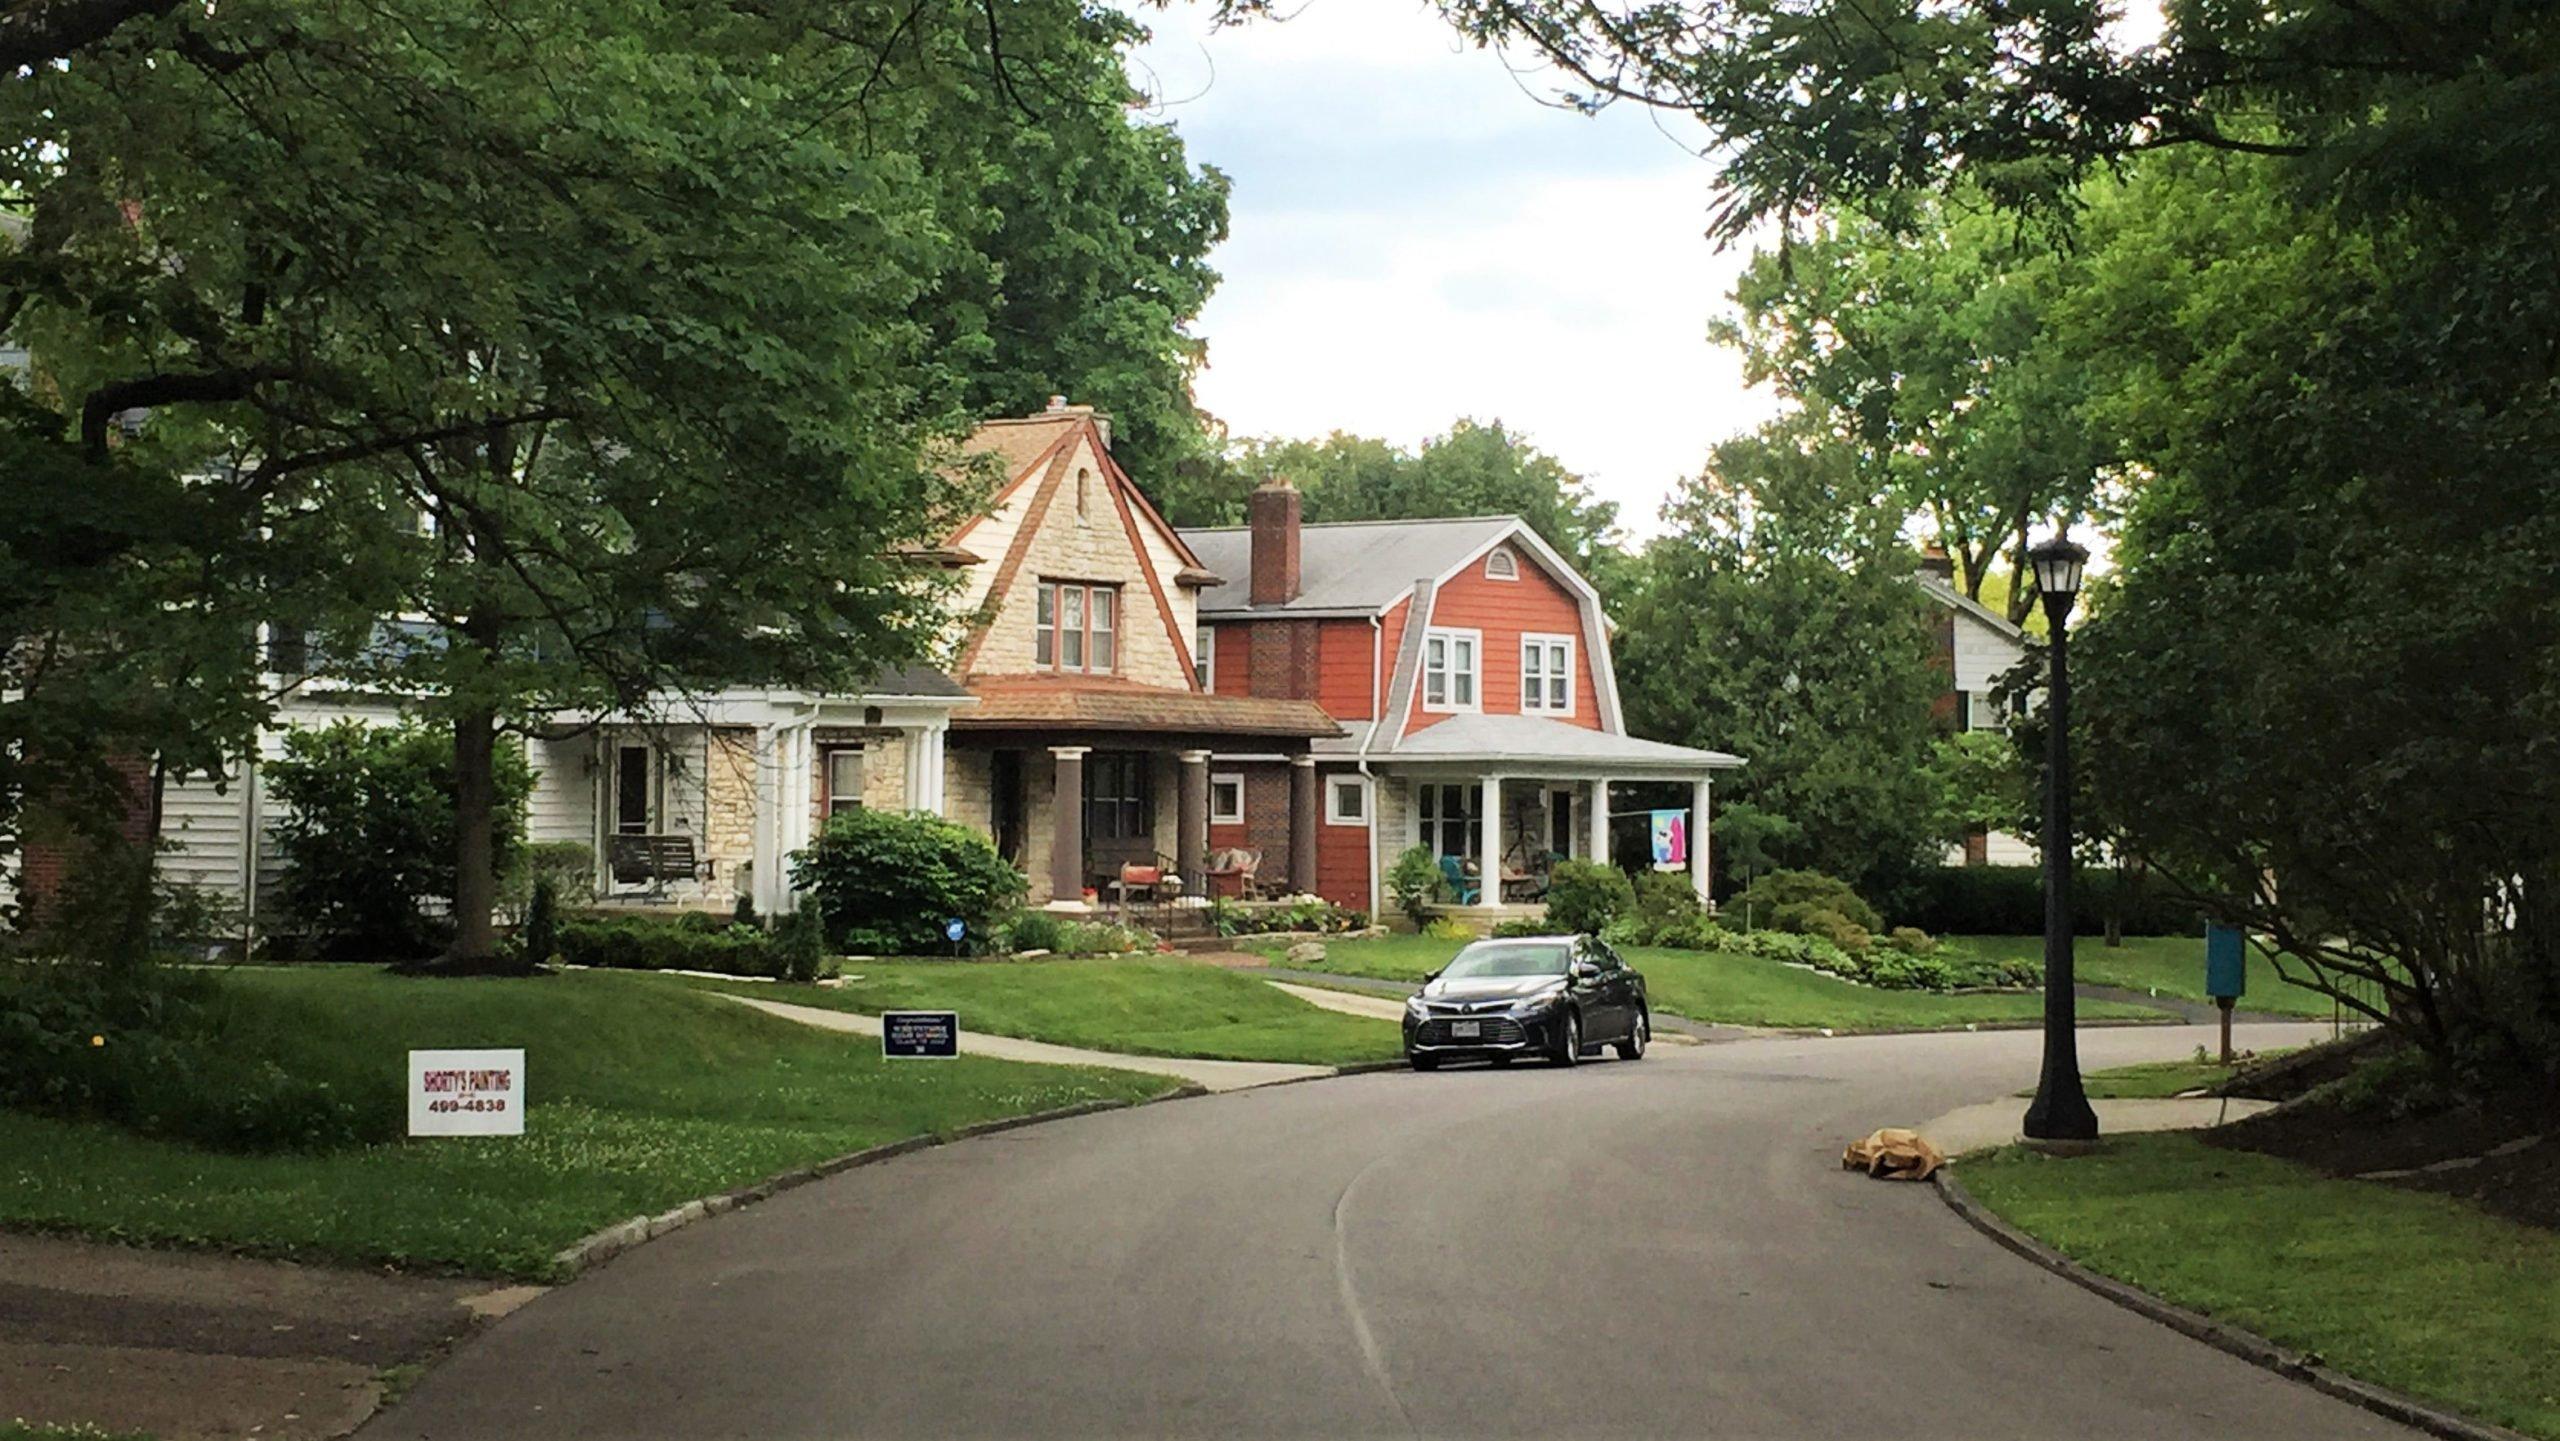 neighborhood in clintonville ohio